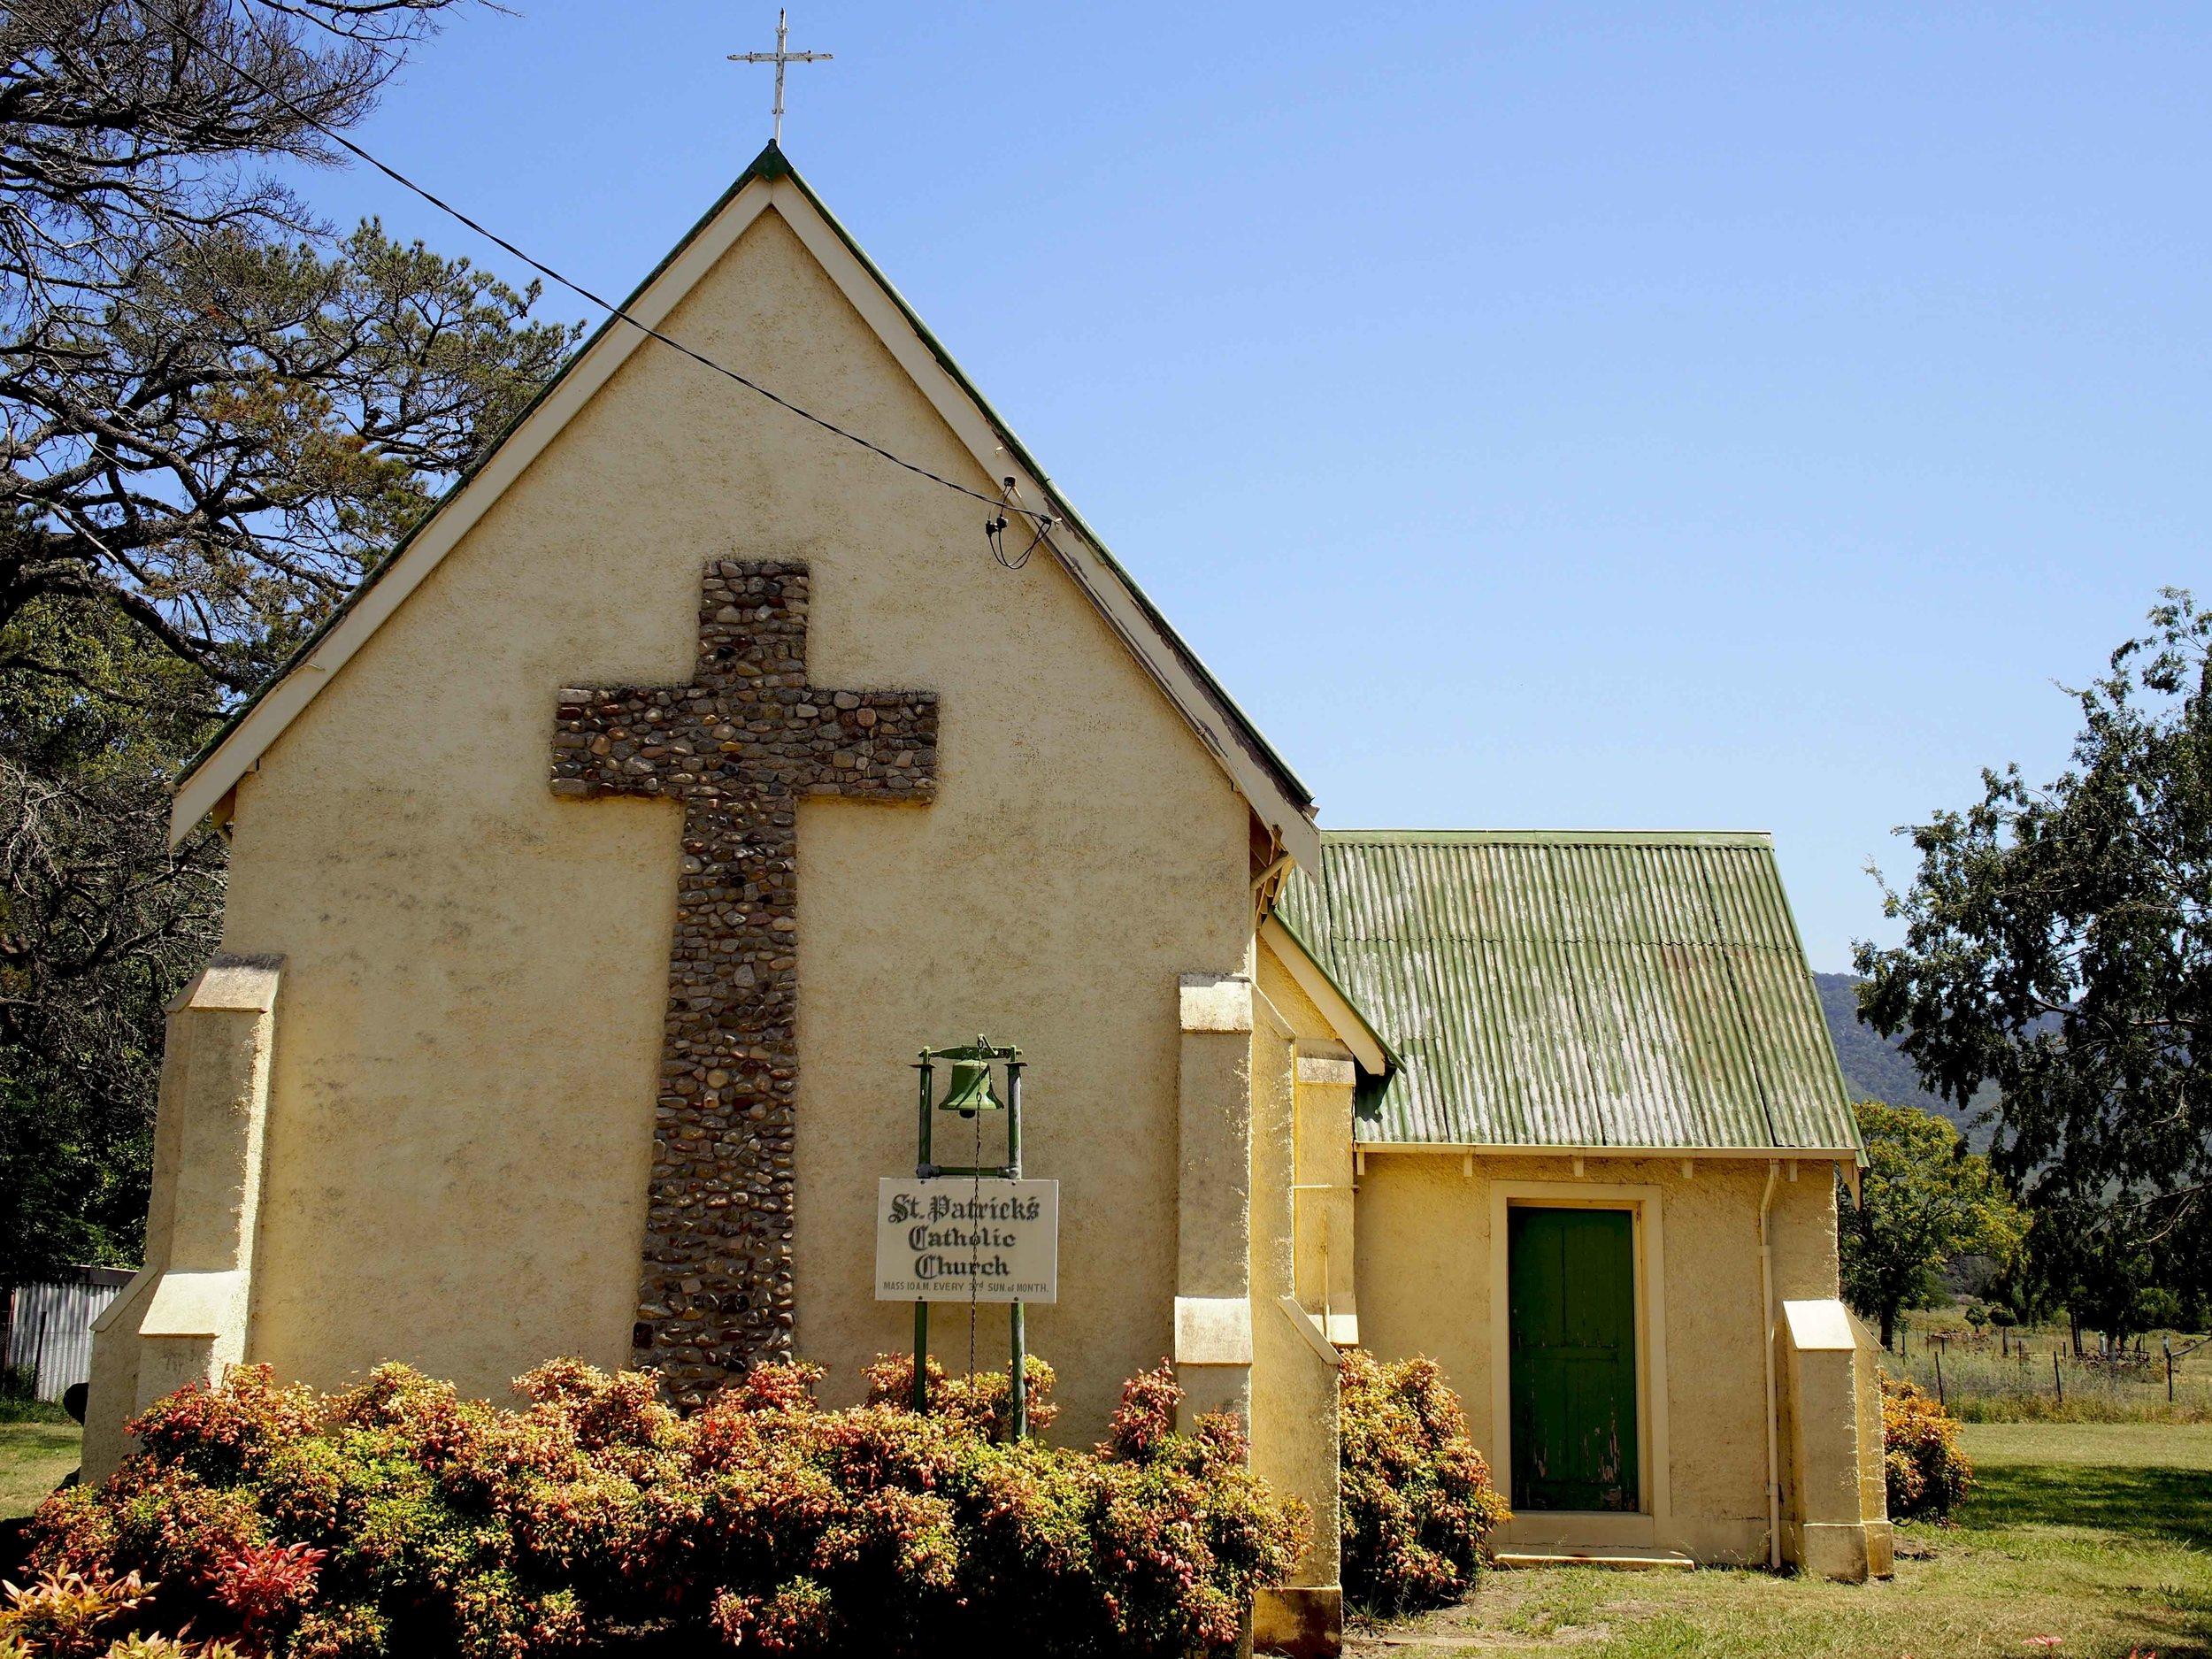 St patricks Catholic Church Araluen.jpg